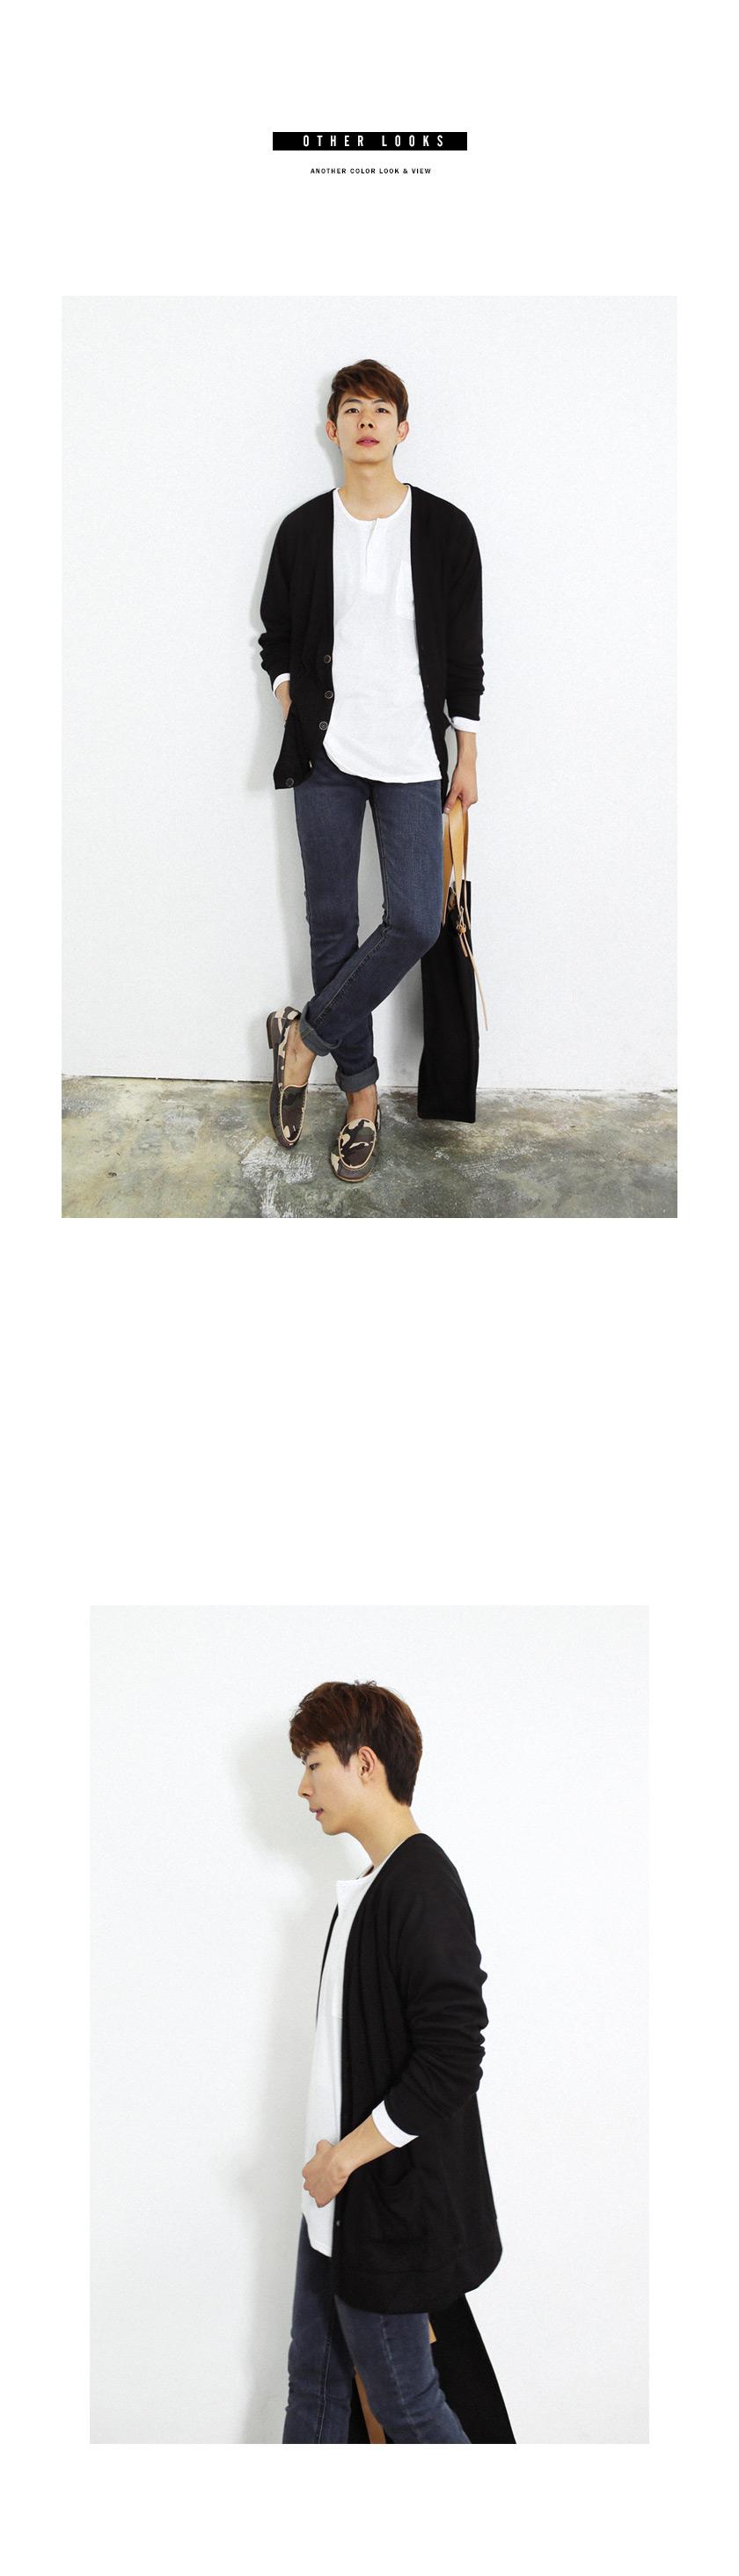 ラグランディテールルーズカーディガン・全4色カーディガンカーディガン通販 | メンズファッション 通販サイト【ディーホリックメンズ DHOLIC MEN'S】